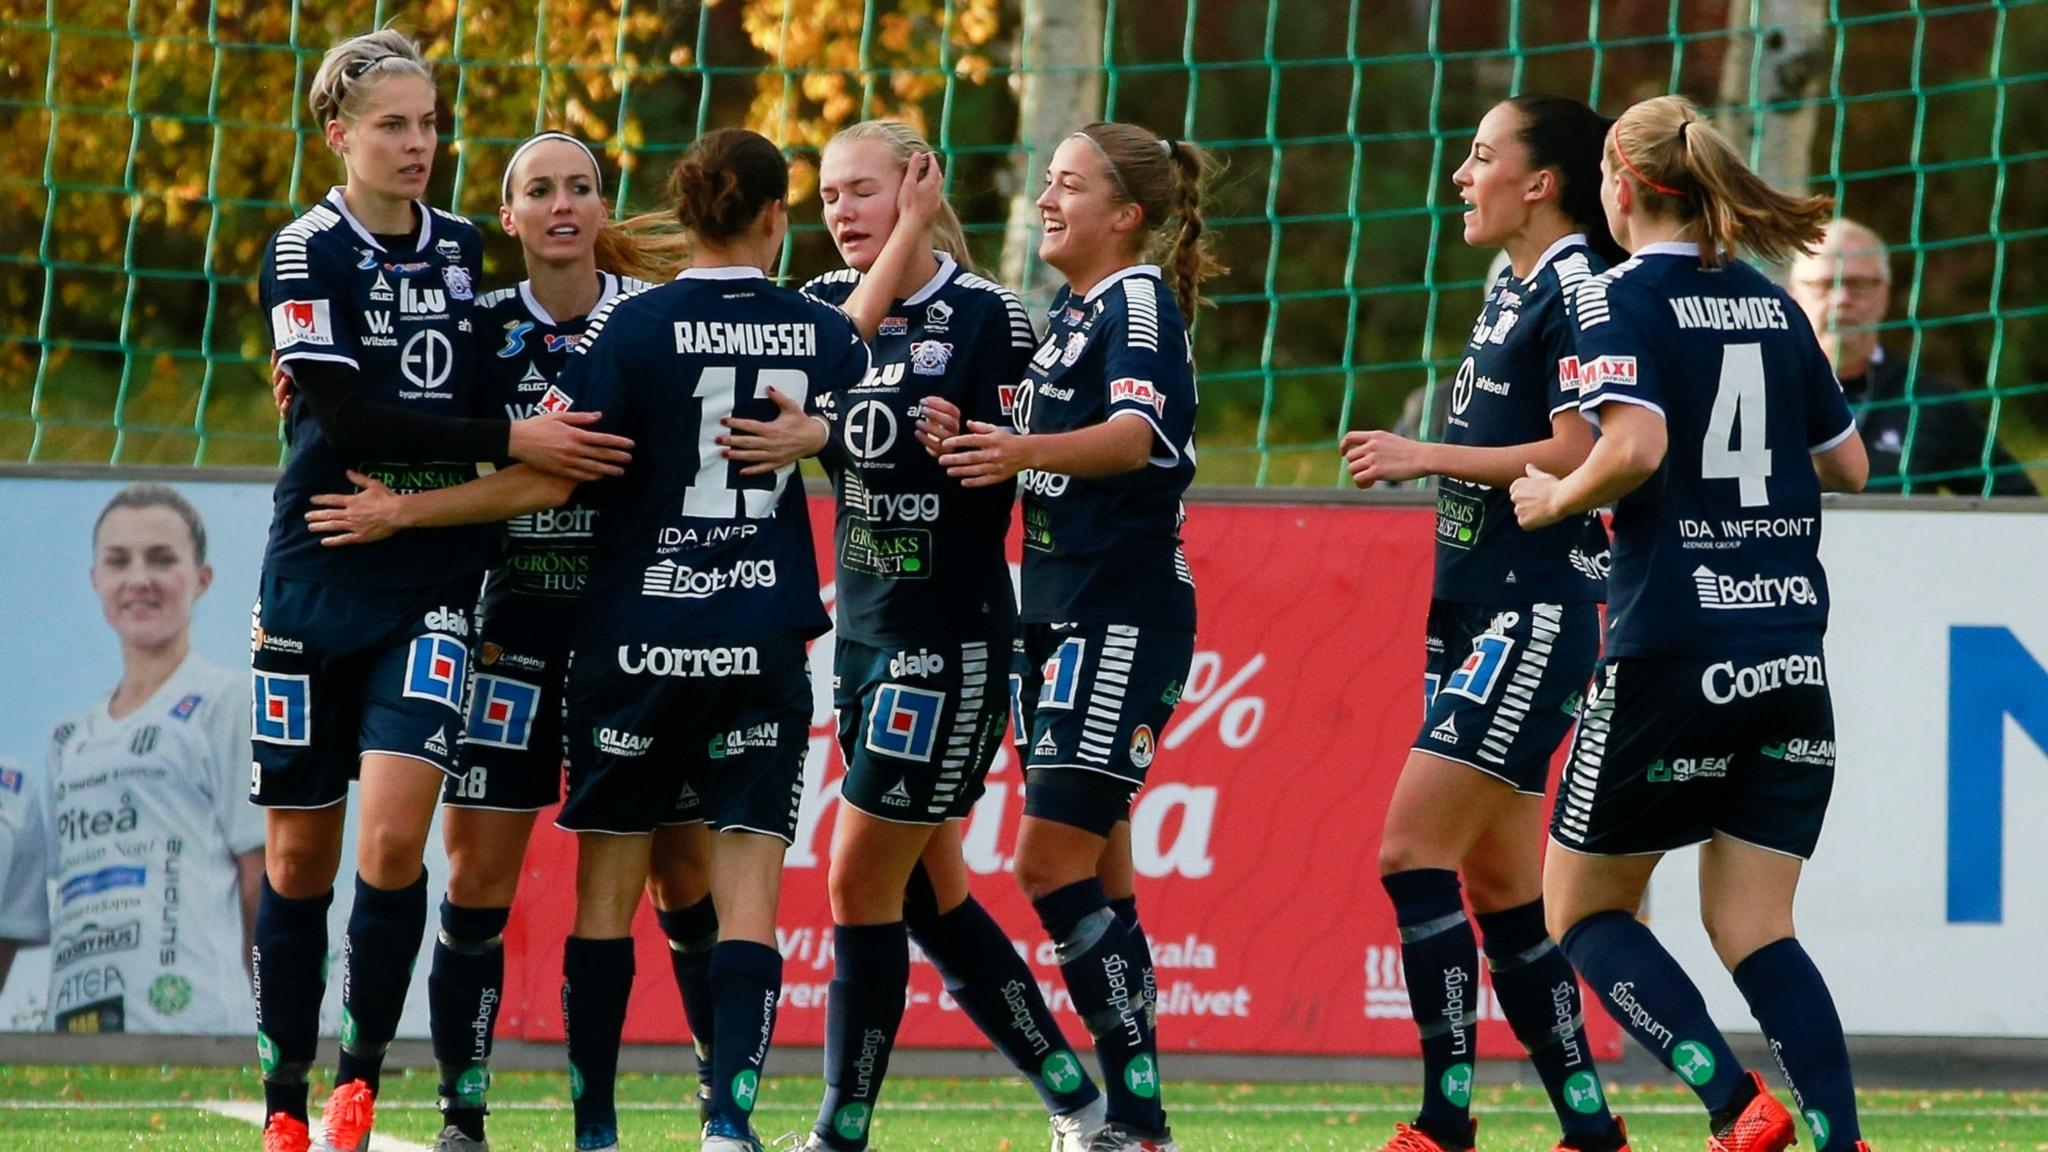 Paris nästa för Linköpings FC - P4 Östergötland  f2b6f21f27874